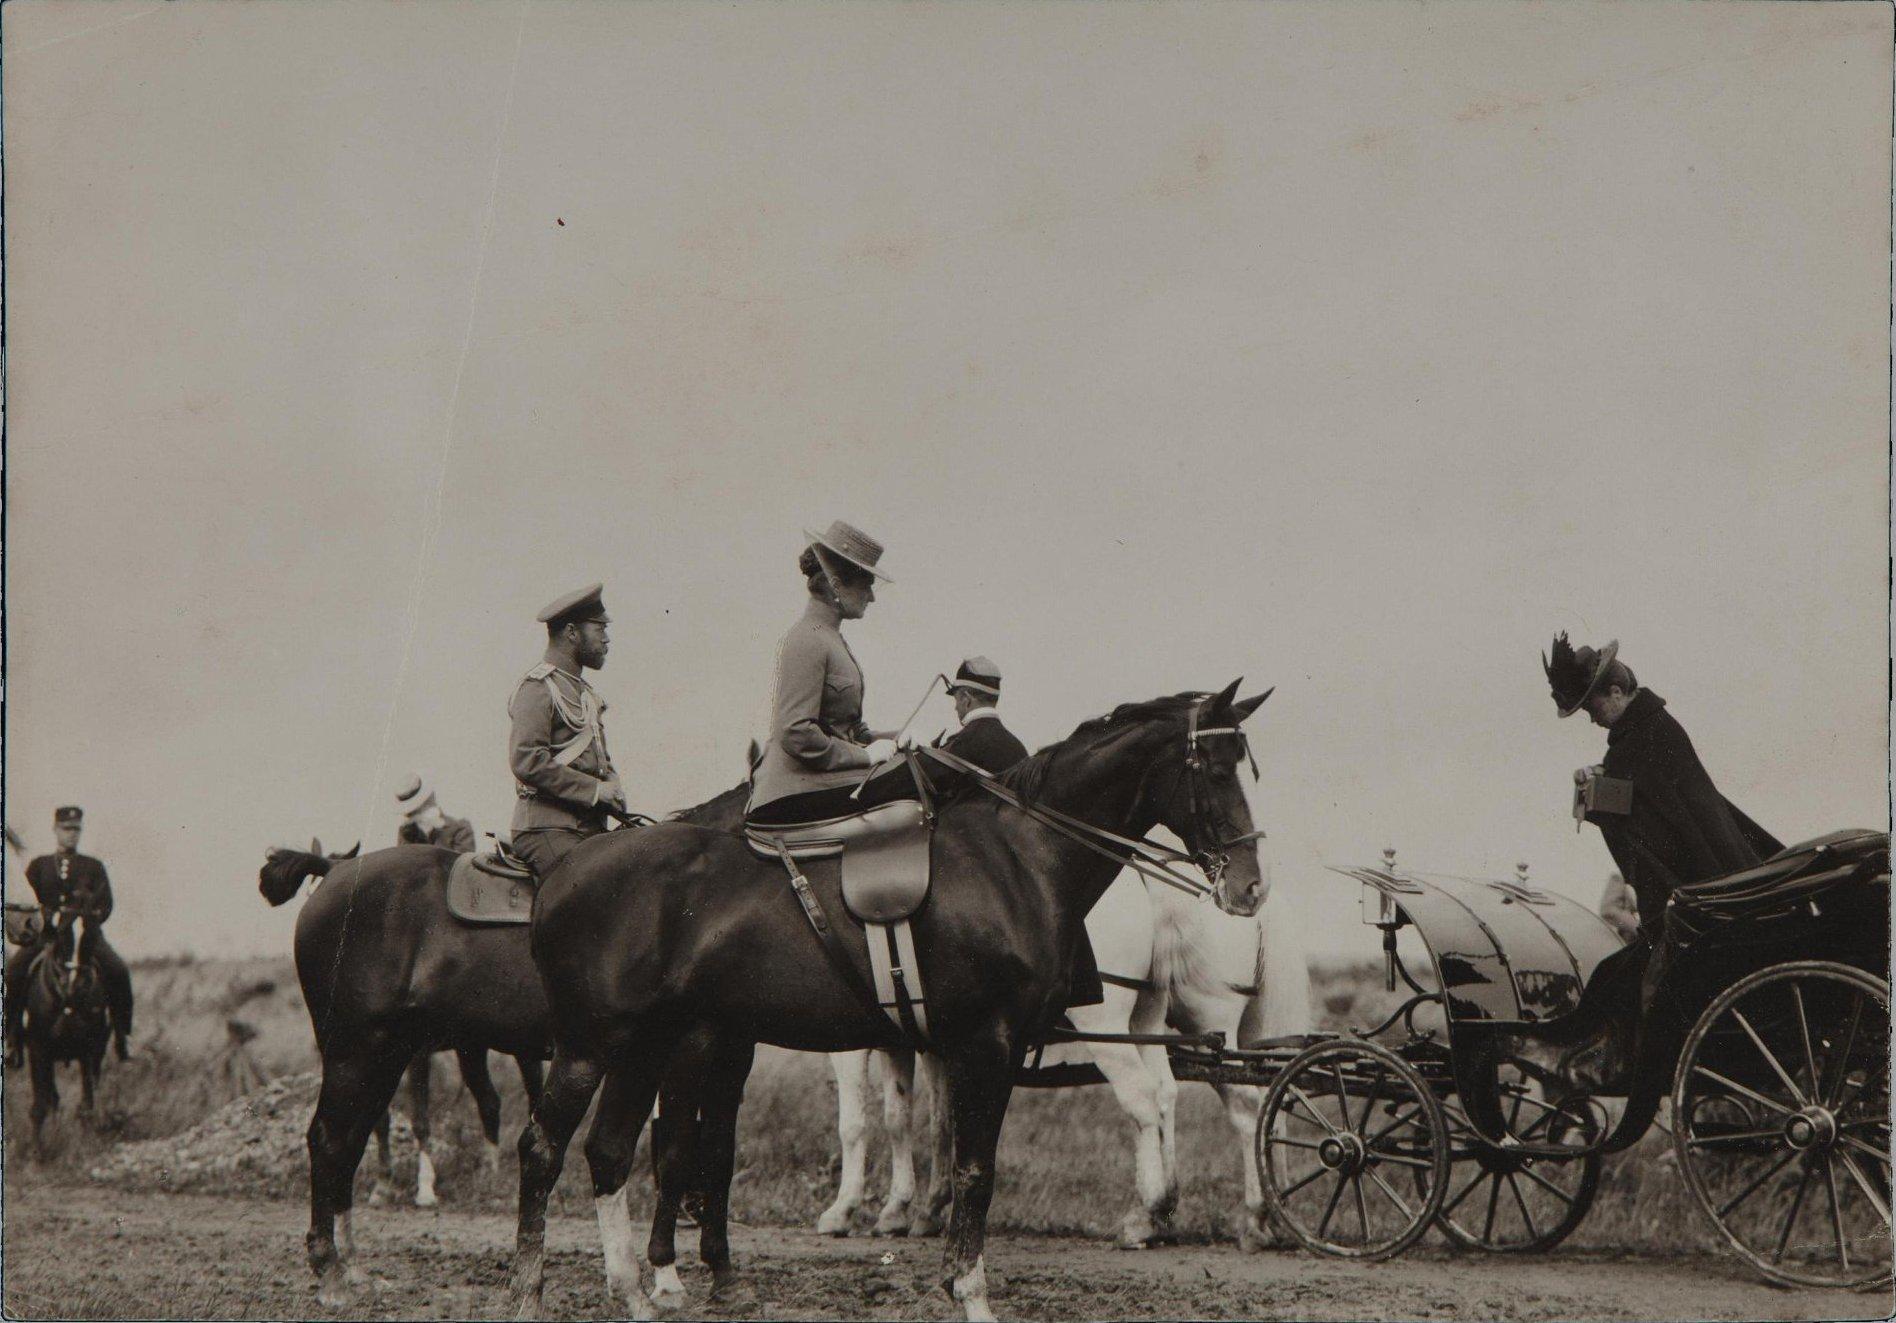 1907. Император Николай II, императрица Александра Фёдоровна и вдовствующая императрица Мария Фёдоровна на манёврах